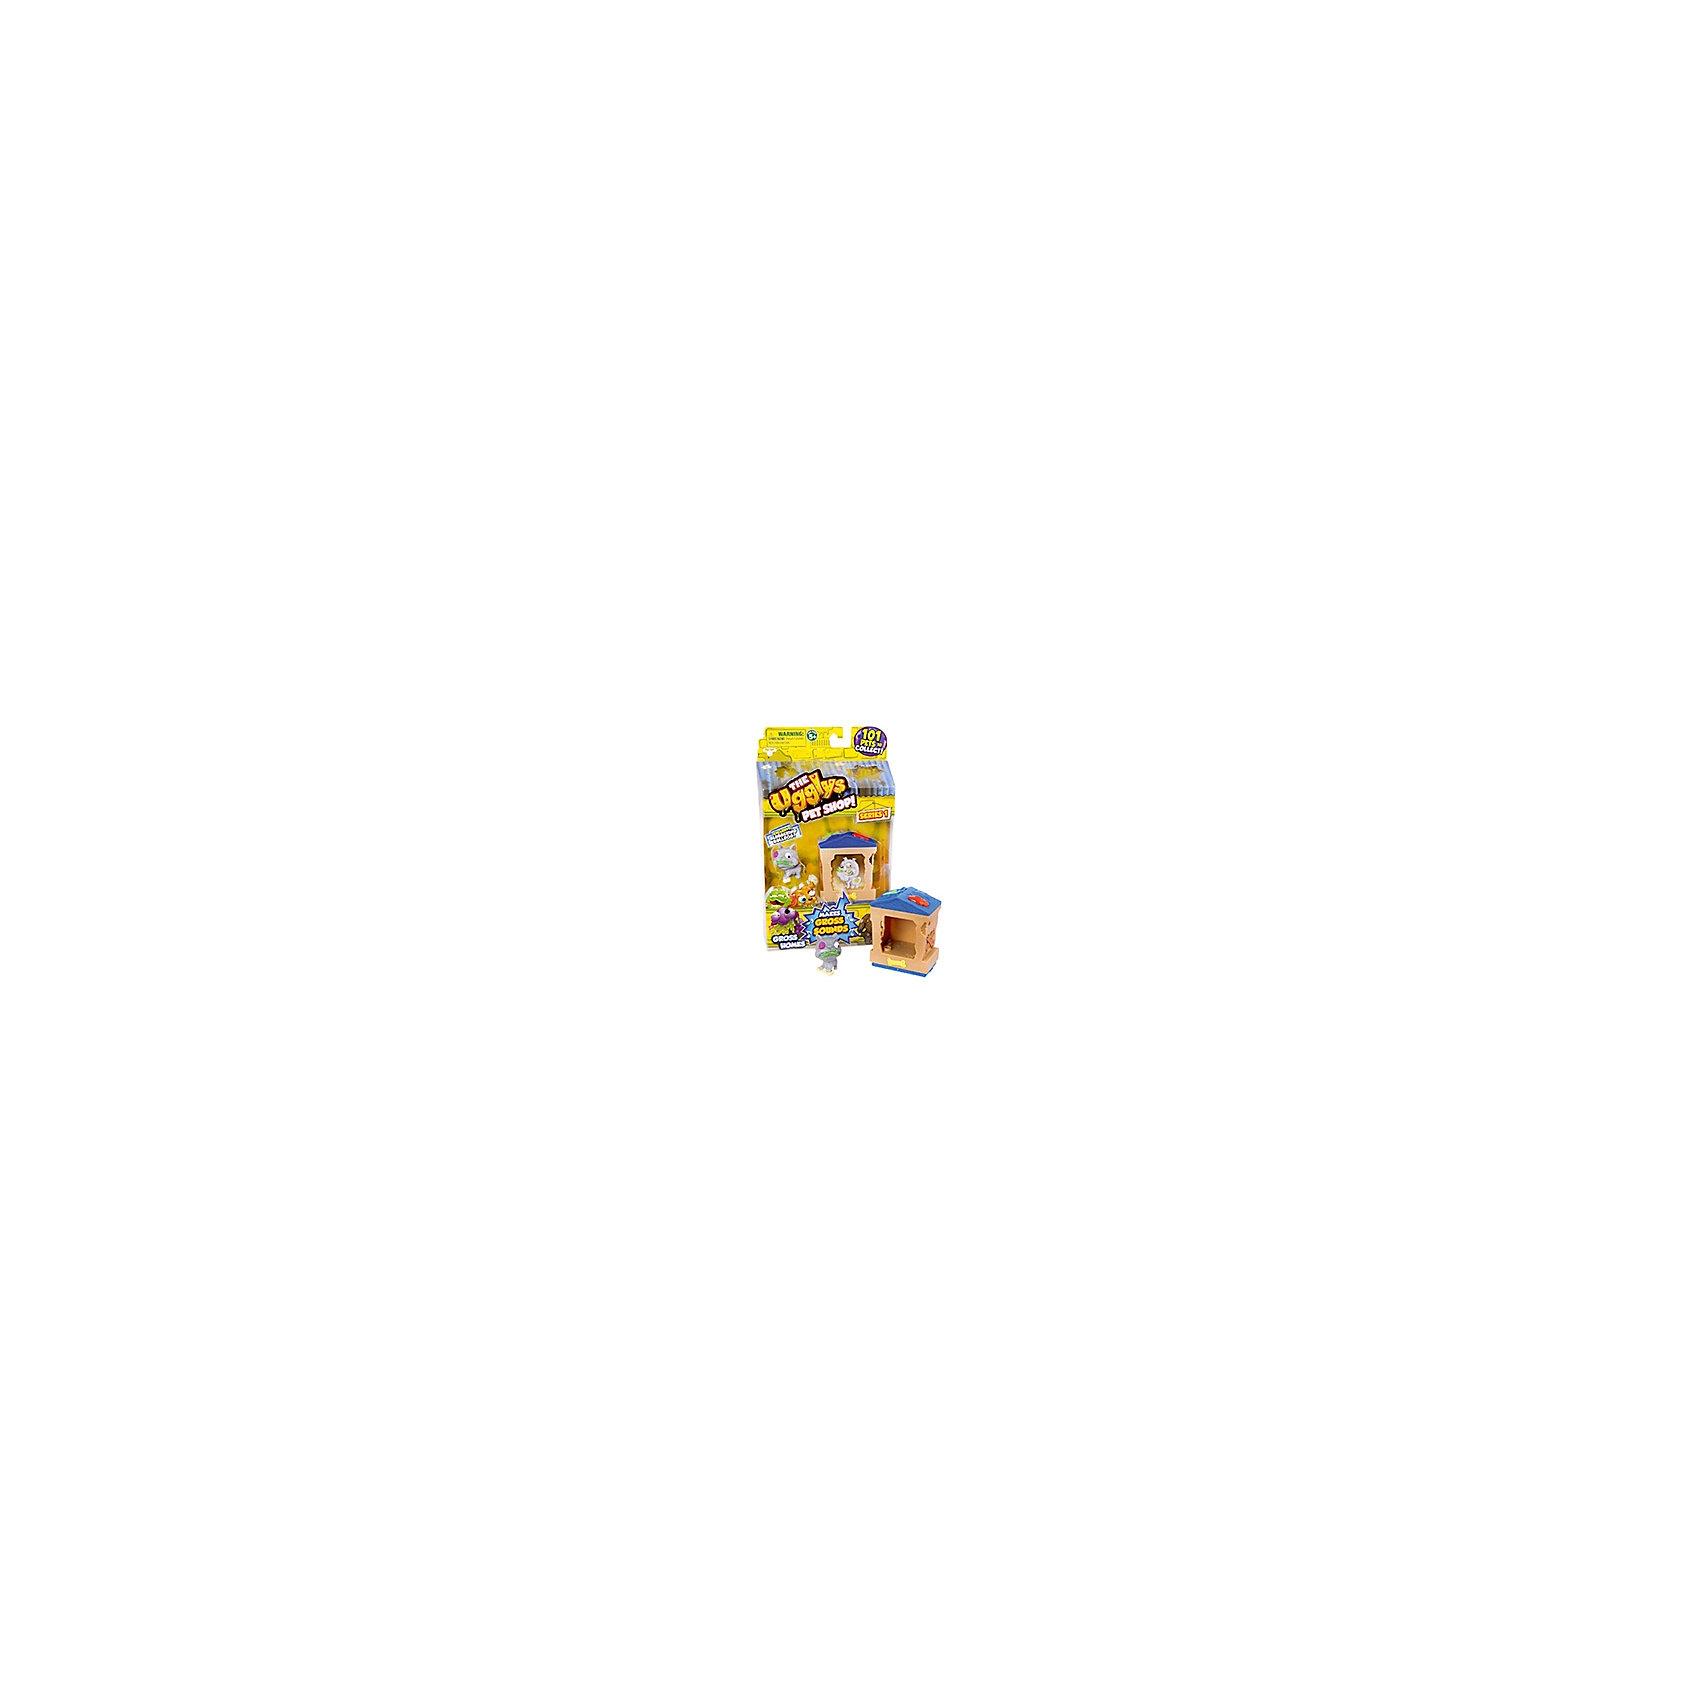 Набор Домик с фигуркой Bone Home, Ugglys Pet ShopНабор Домик с фигуркой, Ugglys Pet Shop – это настоящая находка для юной любительницы хулиганских питомцев.<br>Игровой набор из серии «Хулиганские животные» состоит из домика для питомца со звуковыми эффектами и уникальной фигурки питомца, которую нельзя найти в других упаковках и наборах серии. Яркий домик также неказист, как его обитатель, но может издавать преотвратительные звуки, если на него нажать. А если соединить несколько домиков вместе, то из них получится этакая шумная многоэтажная хрущоба для животных.<br><br>Дополнительная информация:<br><br>- В наборе: домик, уникальная фигурка<br>- Материал: высококачественная пластмасса, прорезиненный материал<br>- Батарейки: 2 батарейки LR44 (в комплект не входят)<br>- Размер упаковки: 140х230х50 мм.<br>- Вес: 189 гр.<br><br>Набор Домик с фигуркой, Ugglys Pet Shop можно купить в нашем интернет-магазине.<br><br>Ширина мм: 140<br>Глубина мм: 230<br>Высота мм: 50<br>Вес г: 189<br>Возраст от месяцев: 60<br>Возраст до месяцев: 144<br>Пол: Унисекс<br>Возраст: Детский<br>SKU: 4849994